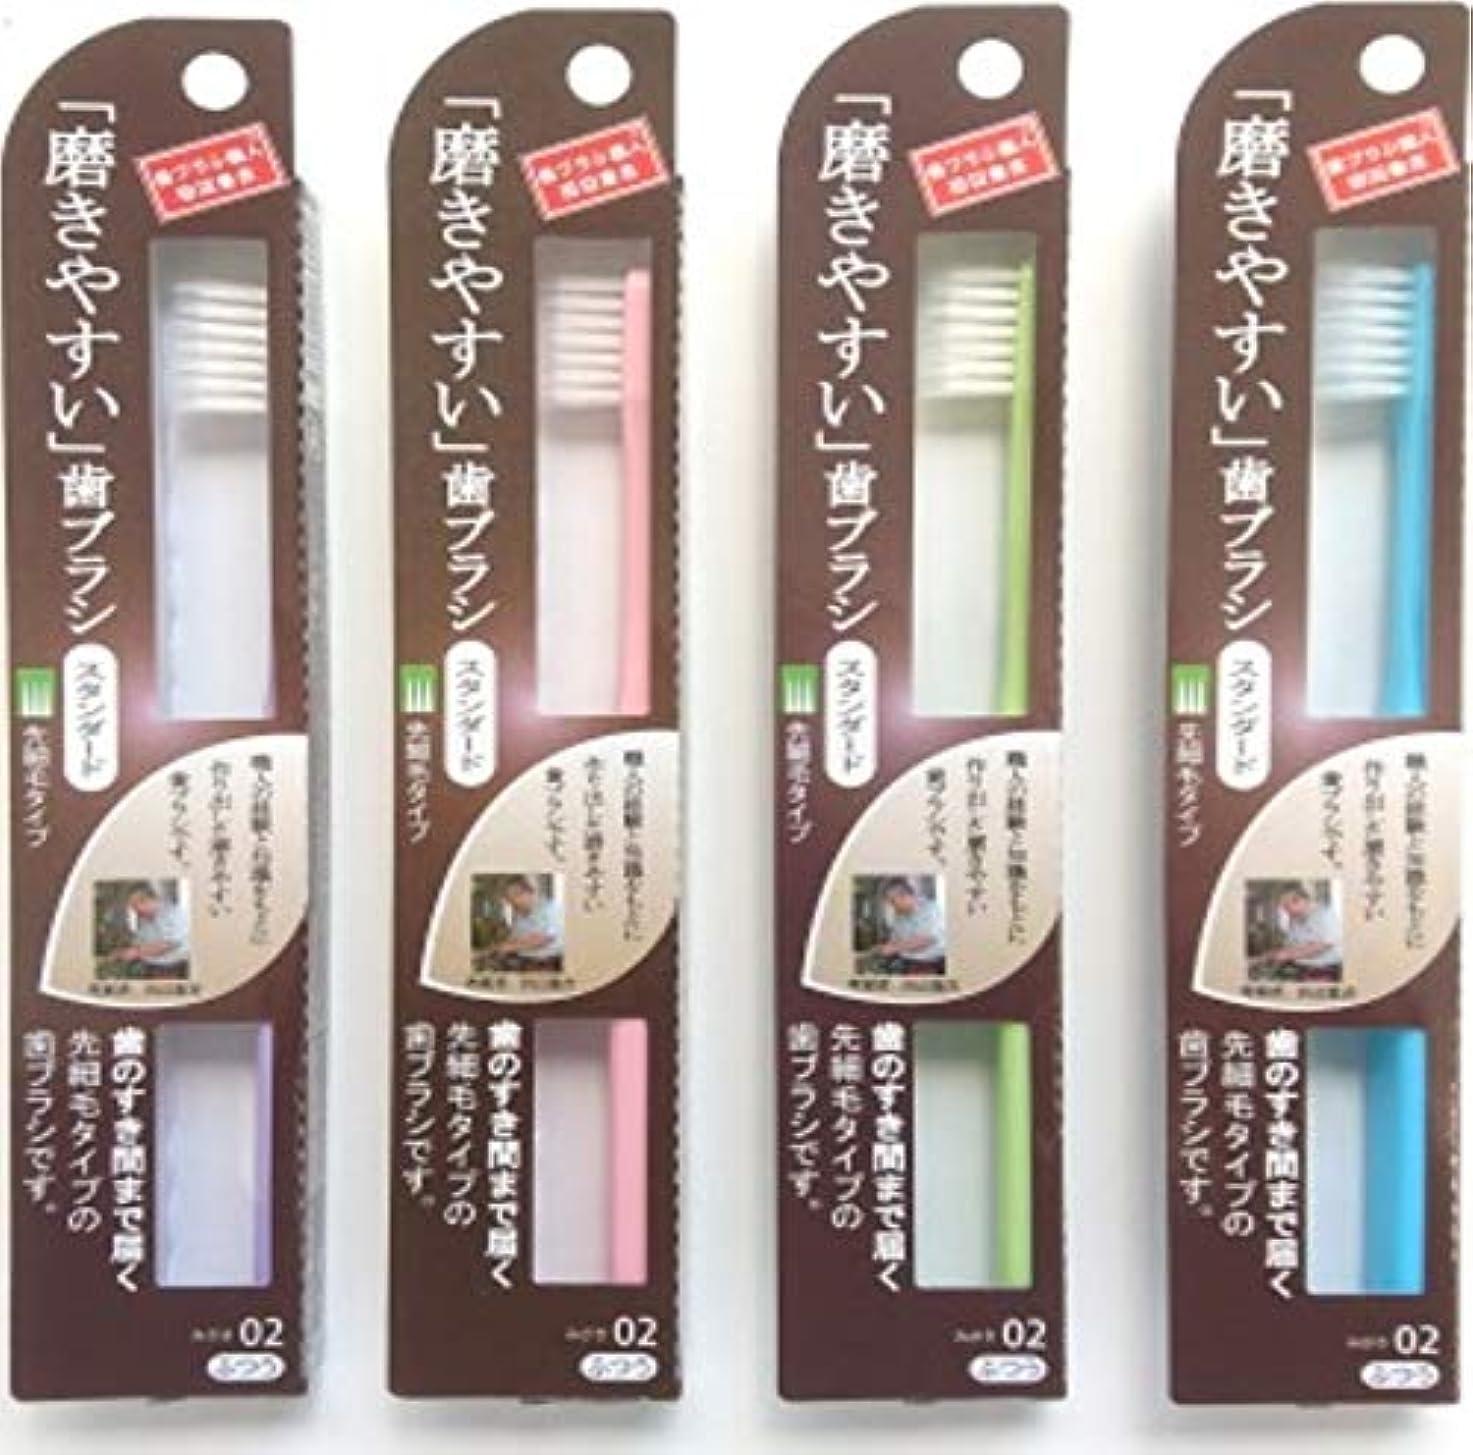 職業応用遠え磨きやすい歯ブラシ(奥歯まで) (LT02) (24本)